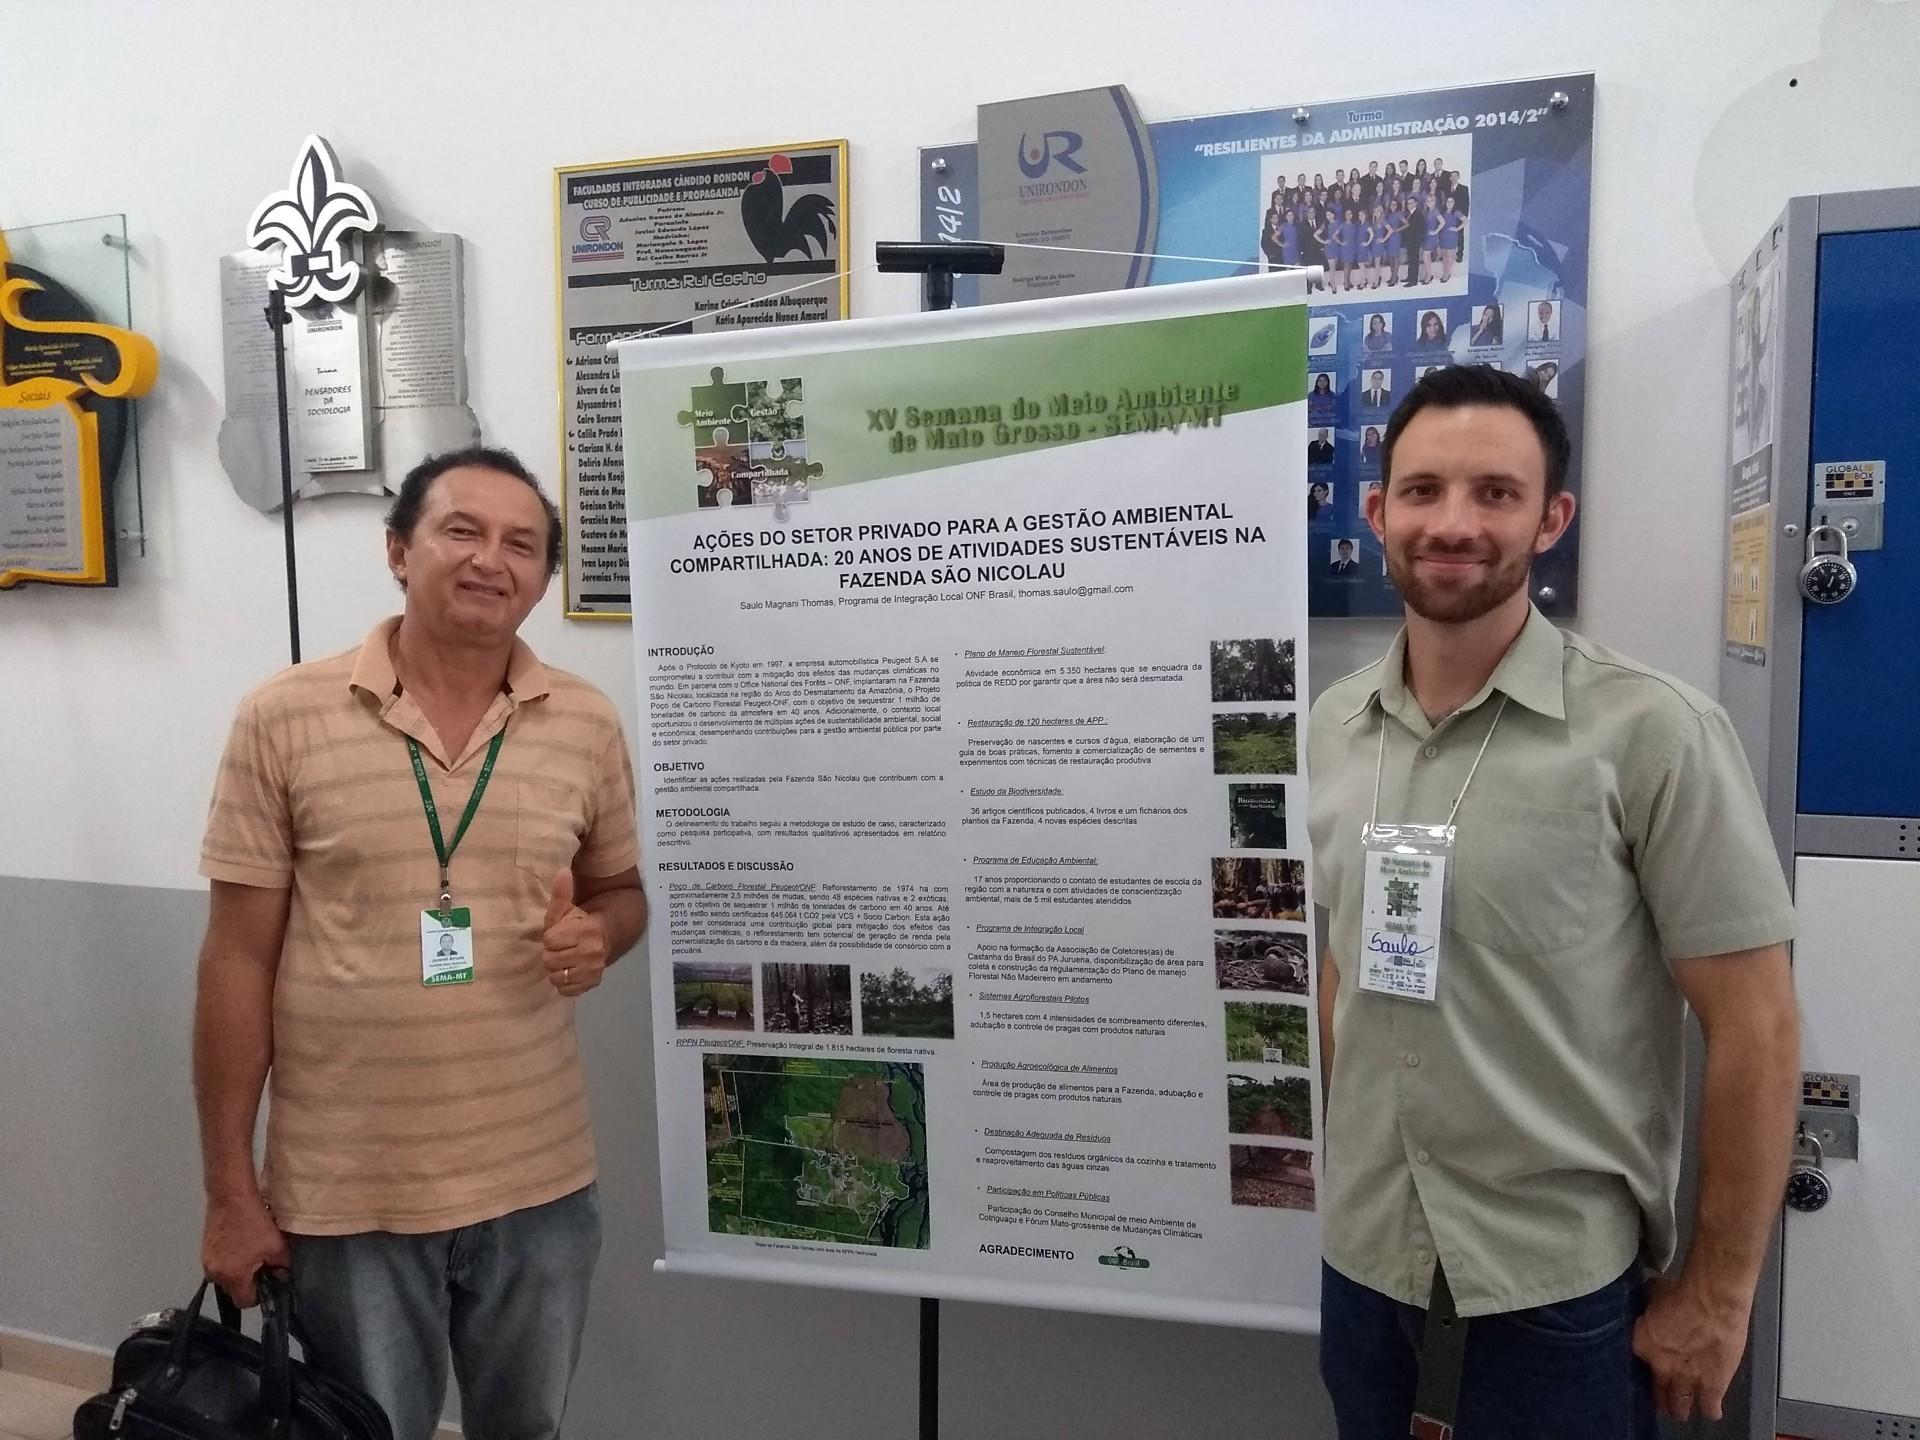 Equipe da ONF Brasil apresenta as atividades sustentáveis da Fazenda São Nicolau (foto: Saulo Thomas)